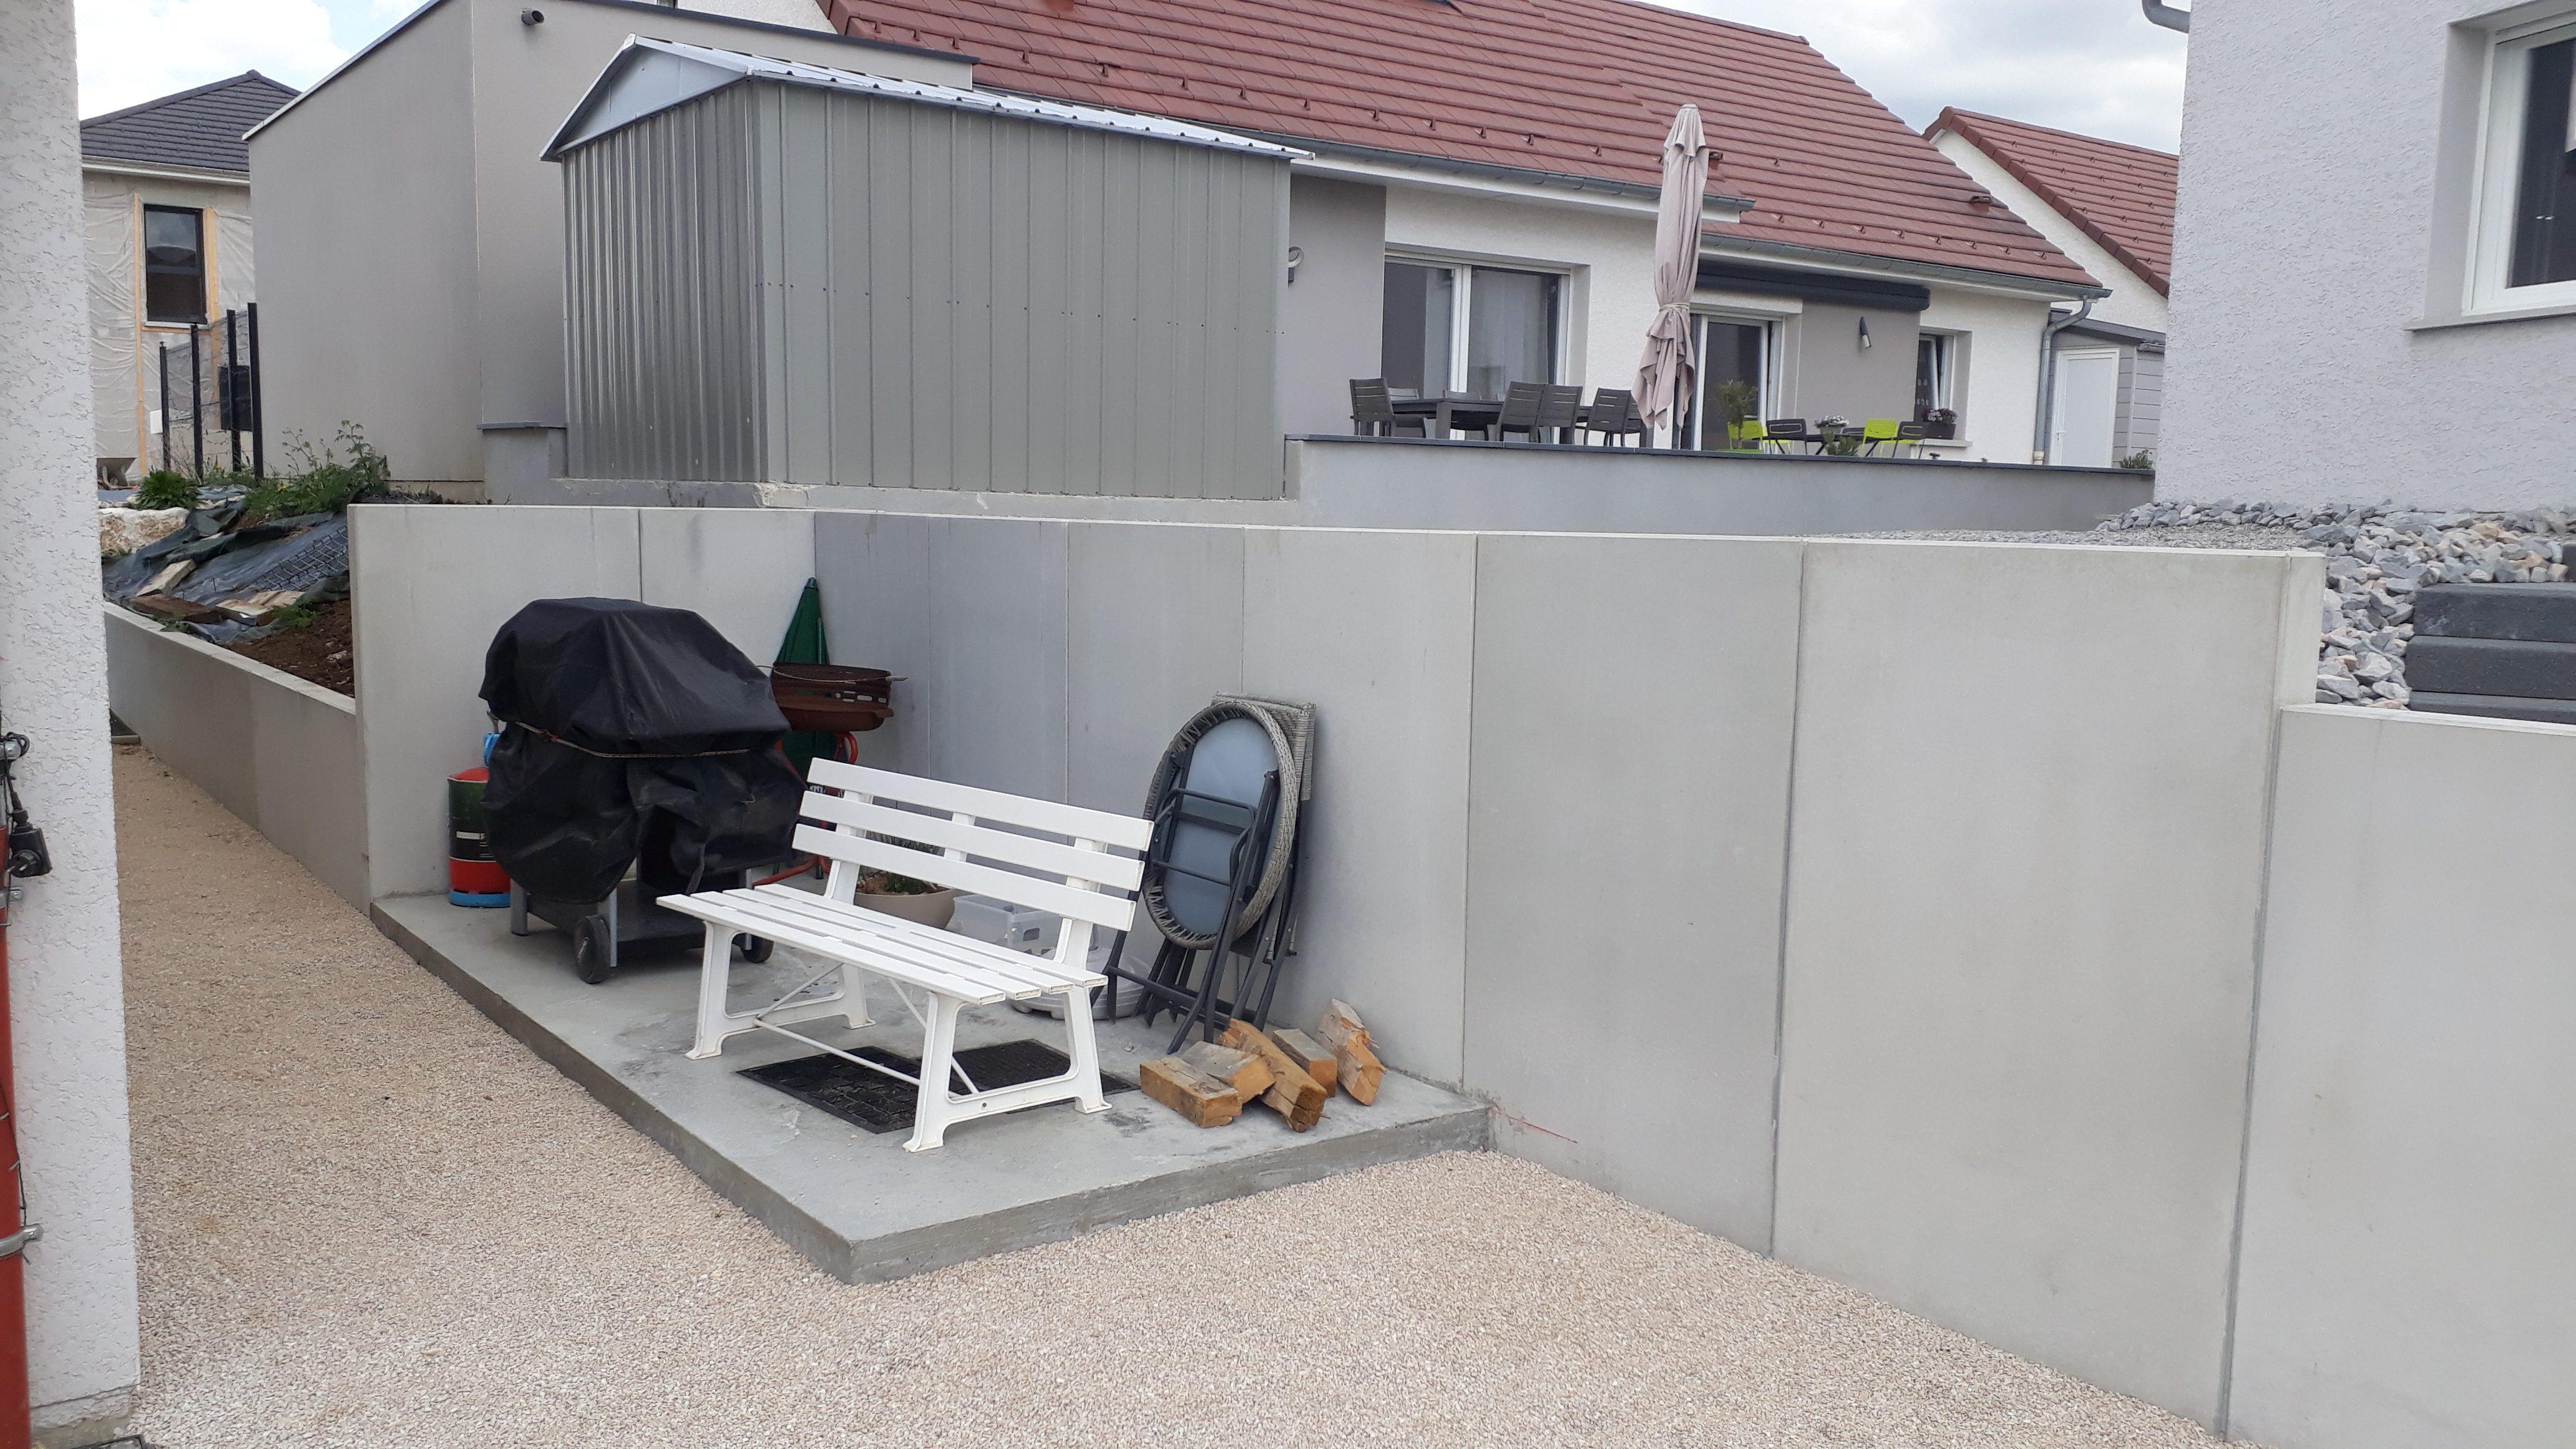 enrochement-mur-beton-terrasse-exterieur-maison-travaux-publics-TP-pontarlier-doubs-franche-comte-11